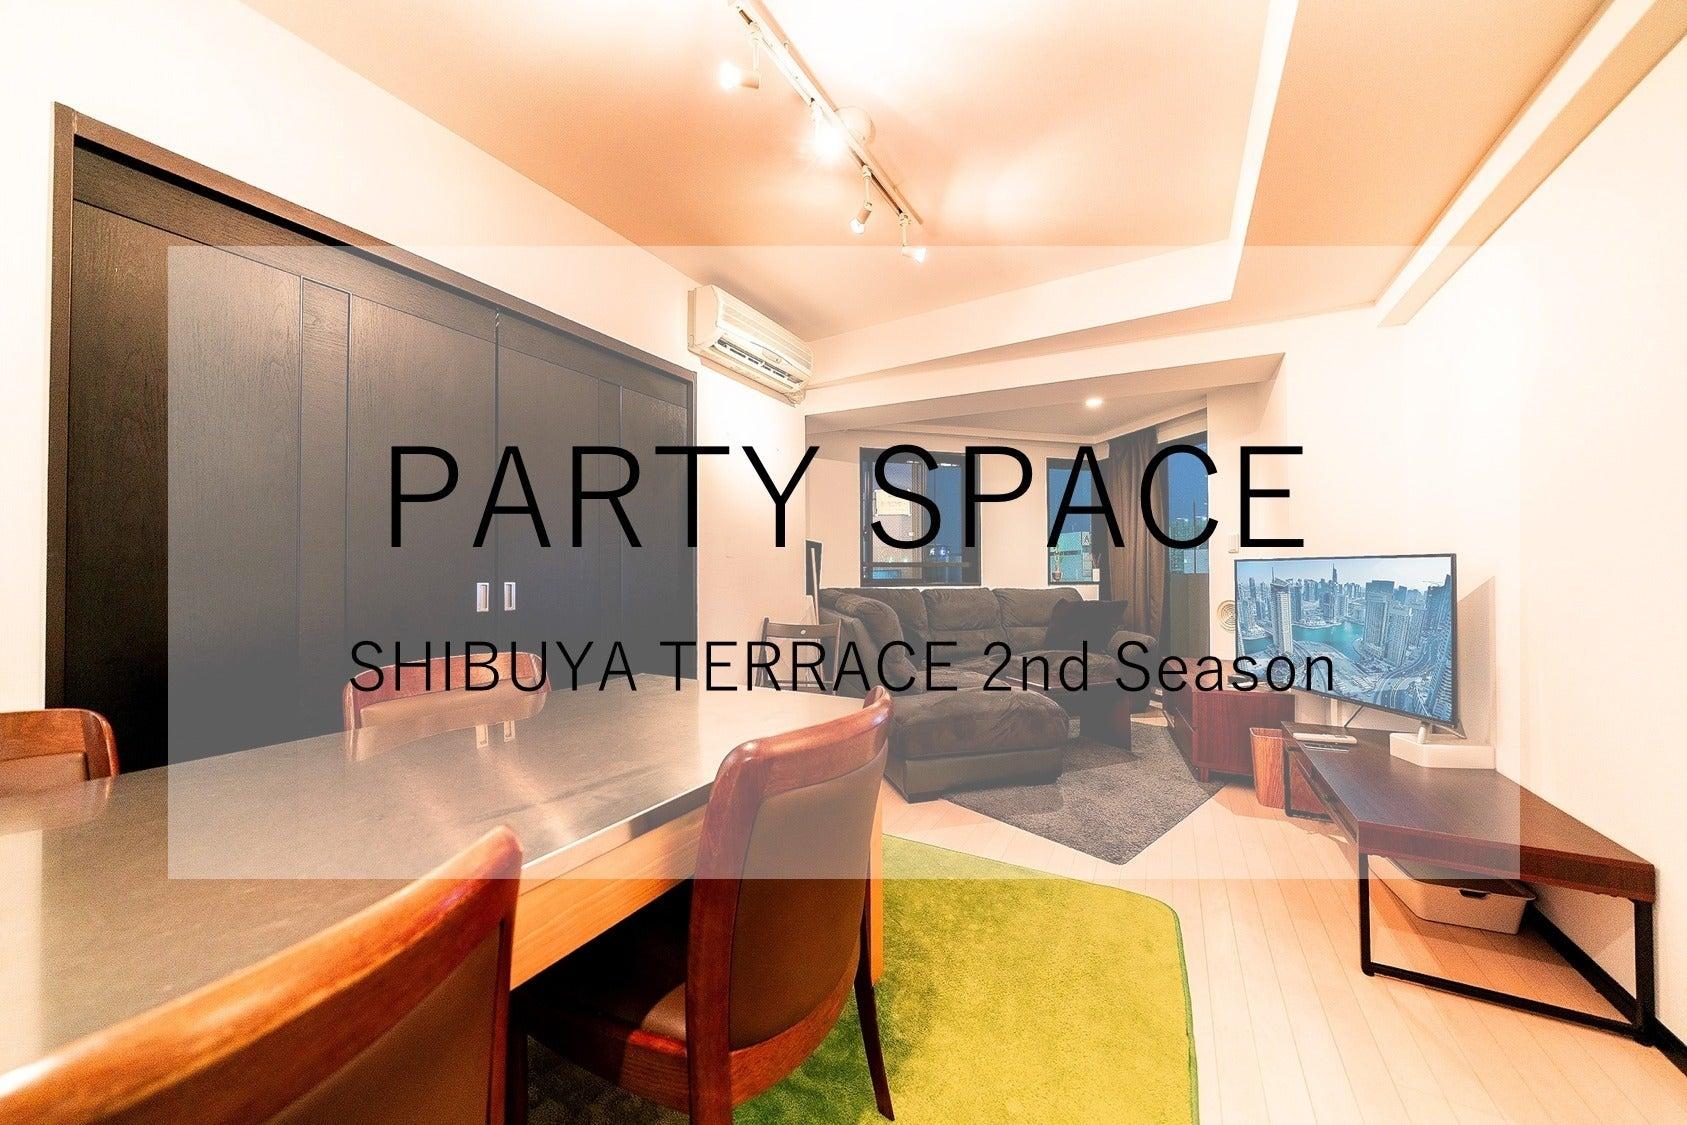 直前予約は50%値引き!深夜利用OK <SHIBUYA TERRACE>渋谷マークシティ1分♪60㎡の広々スペース!(<SHIBUYA TERRACE 2nd Season>渋谷マークシティ1分♪60㎡の広々スペース!) の写真0